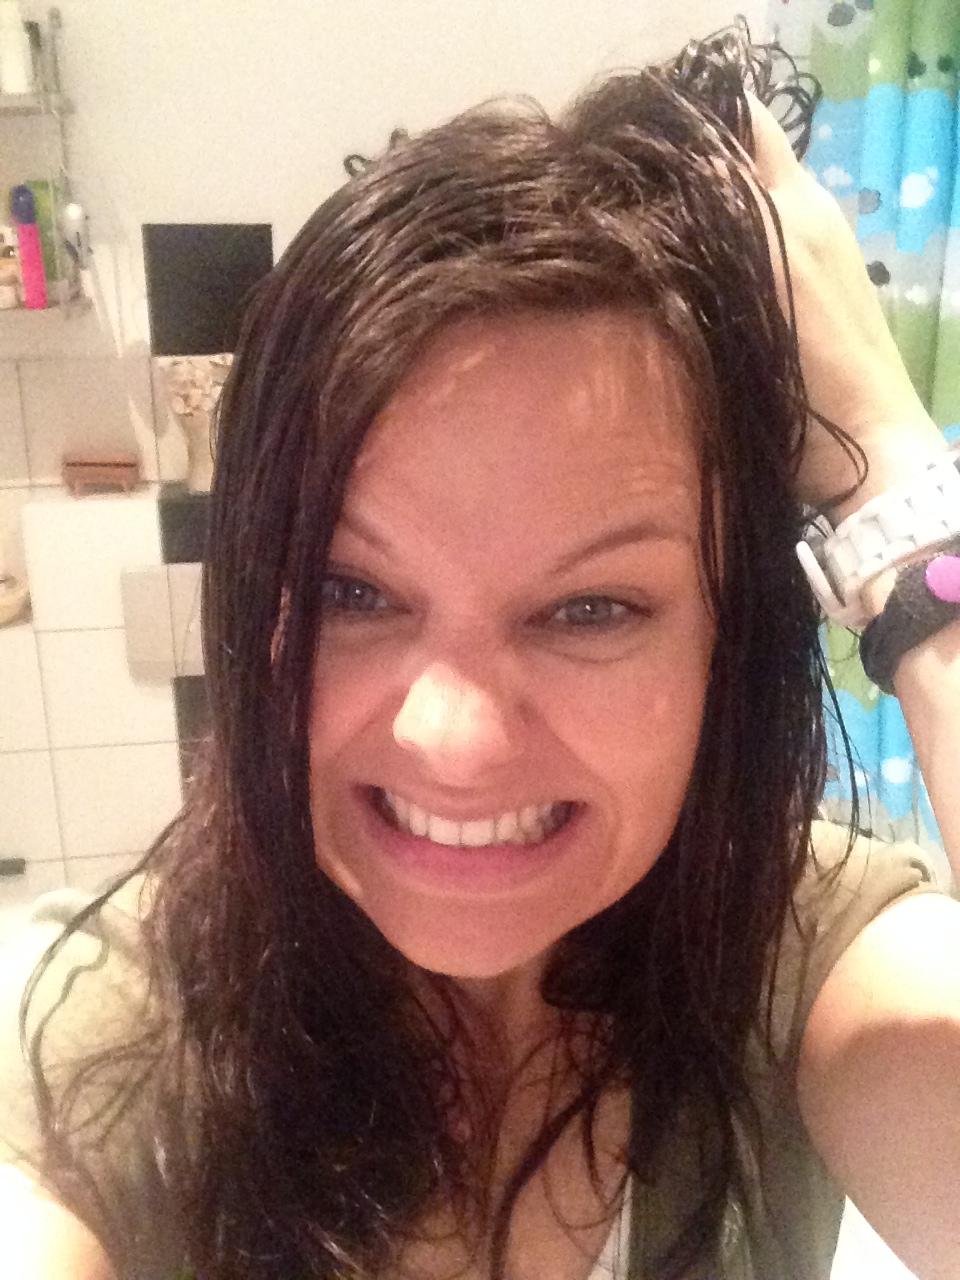 Super Pflegeleichte Frisuren Für Mamas At Qs27 Startupjobsfa